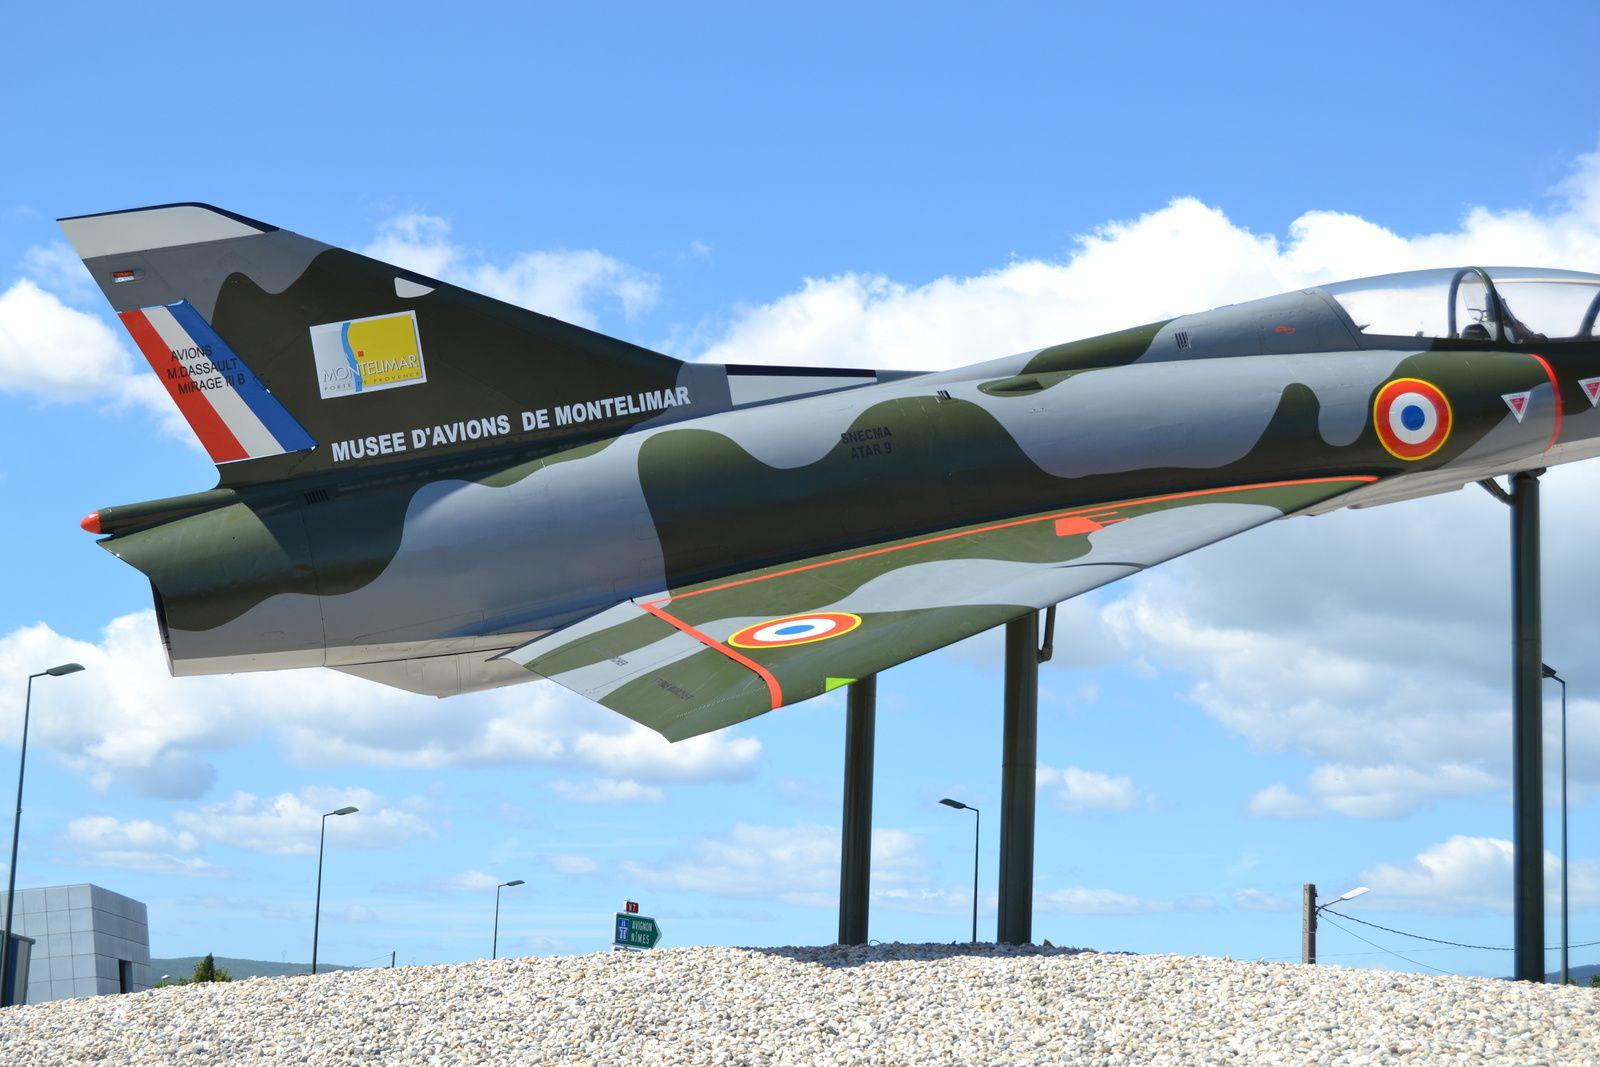 C'est un avion qui pouvait atteindre deux fois la vitesse du son, très performant, typique de l'aviation Française de Dassault.